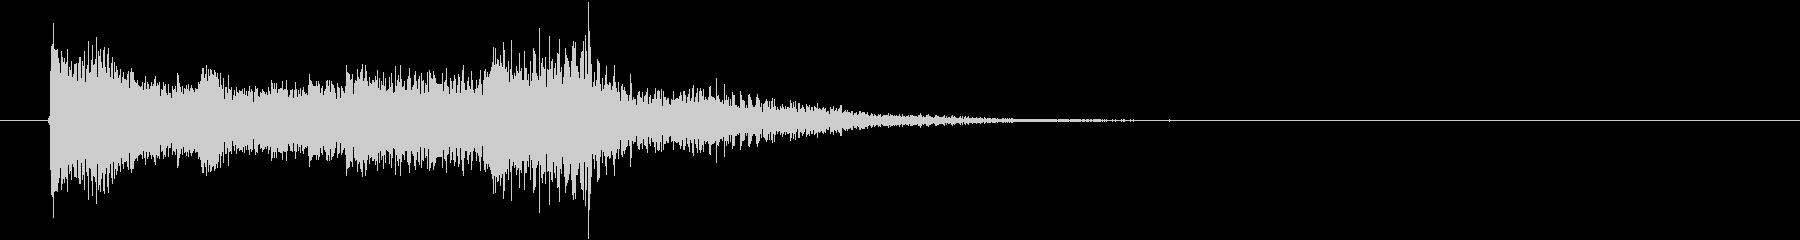 3秒タイプのサウンドロゴです。メカニカ…の未再生の波形